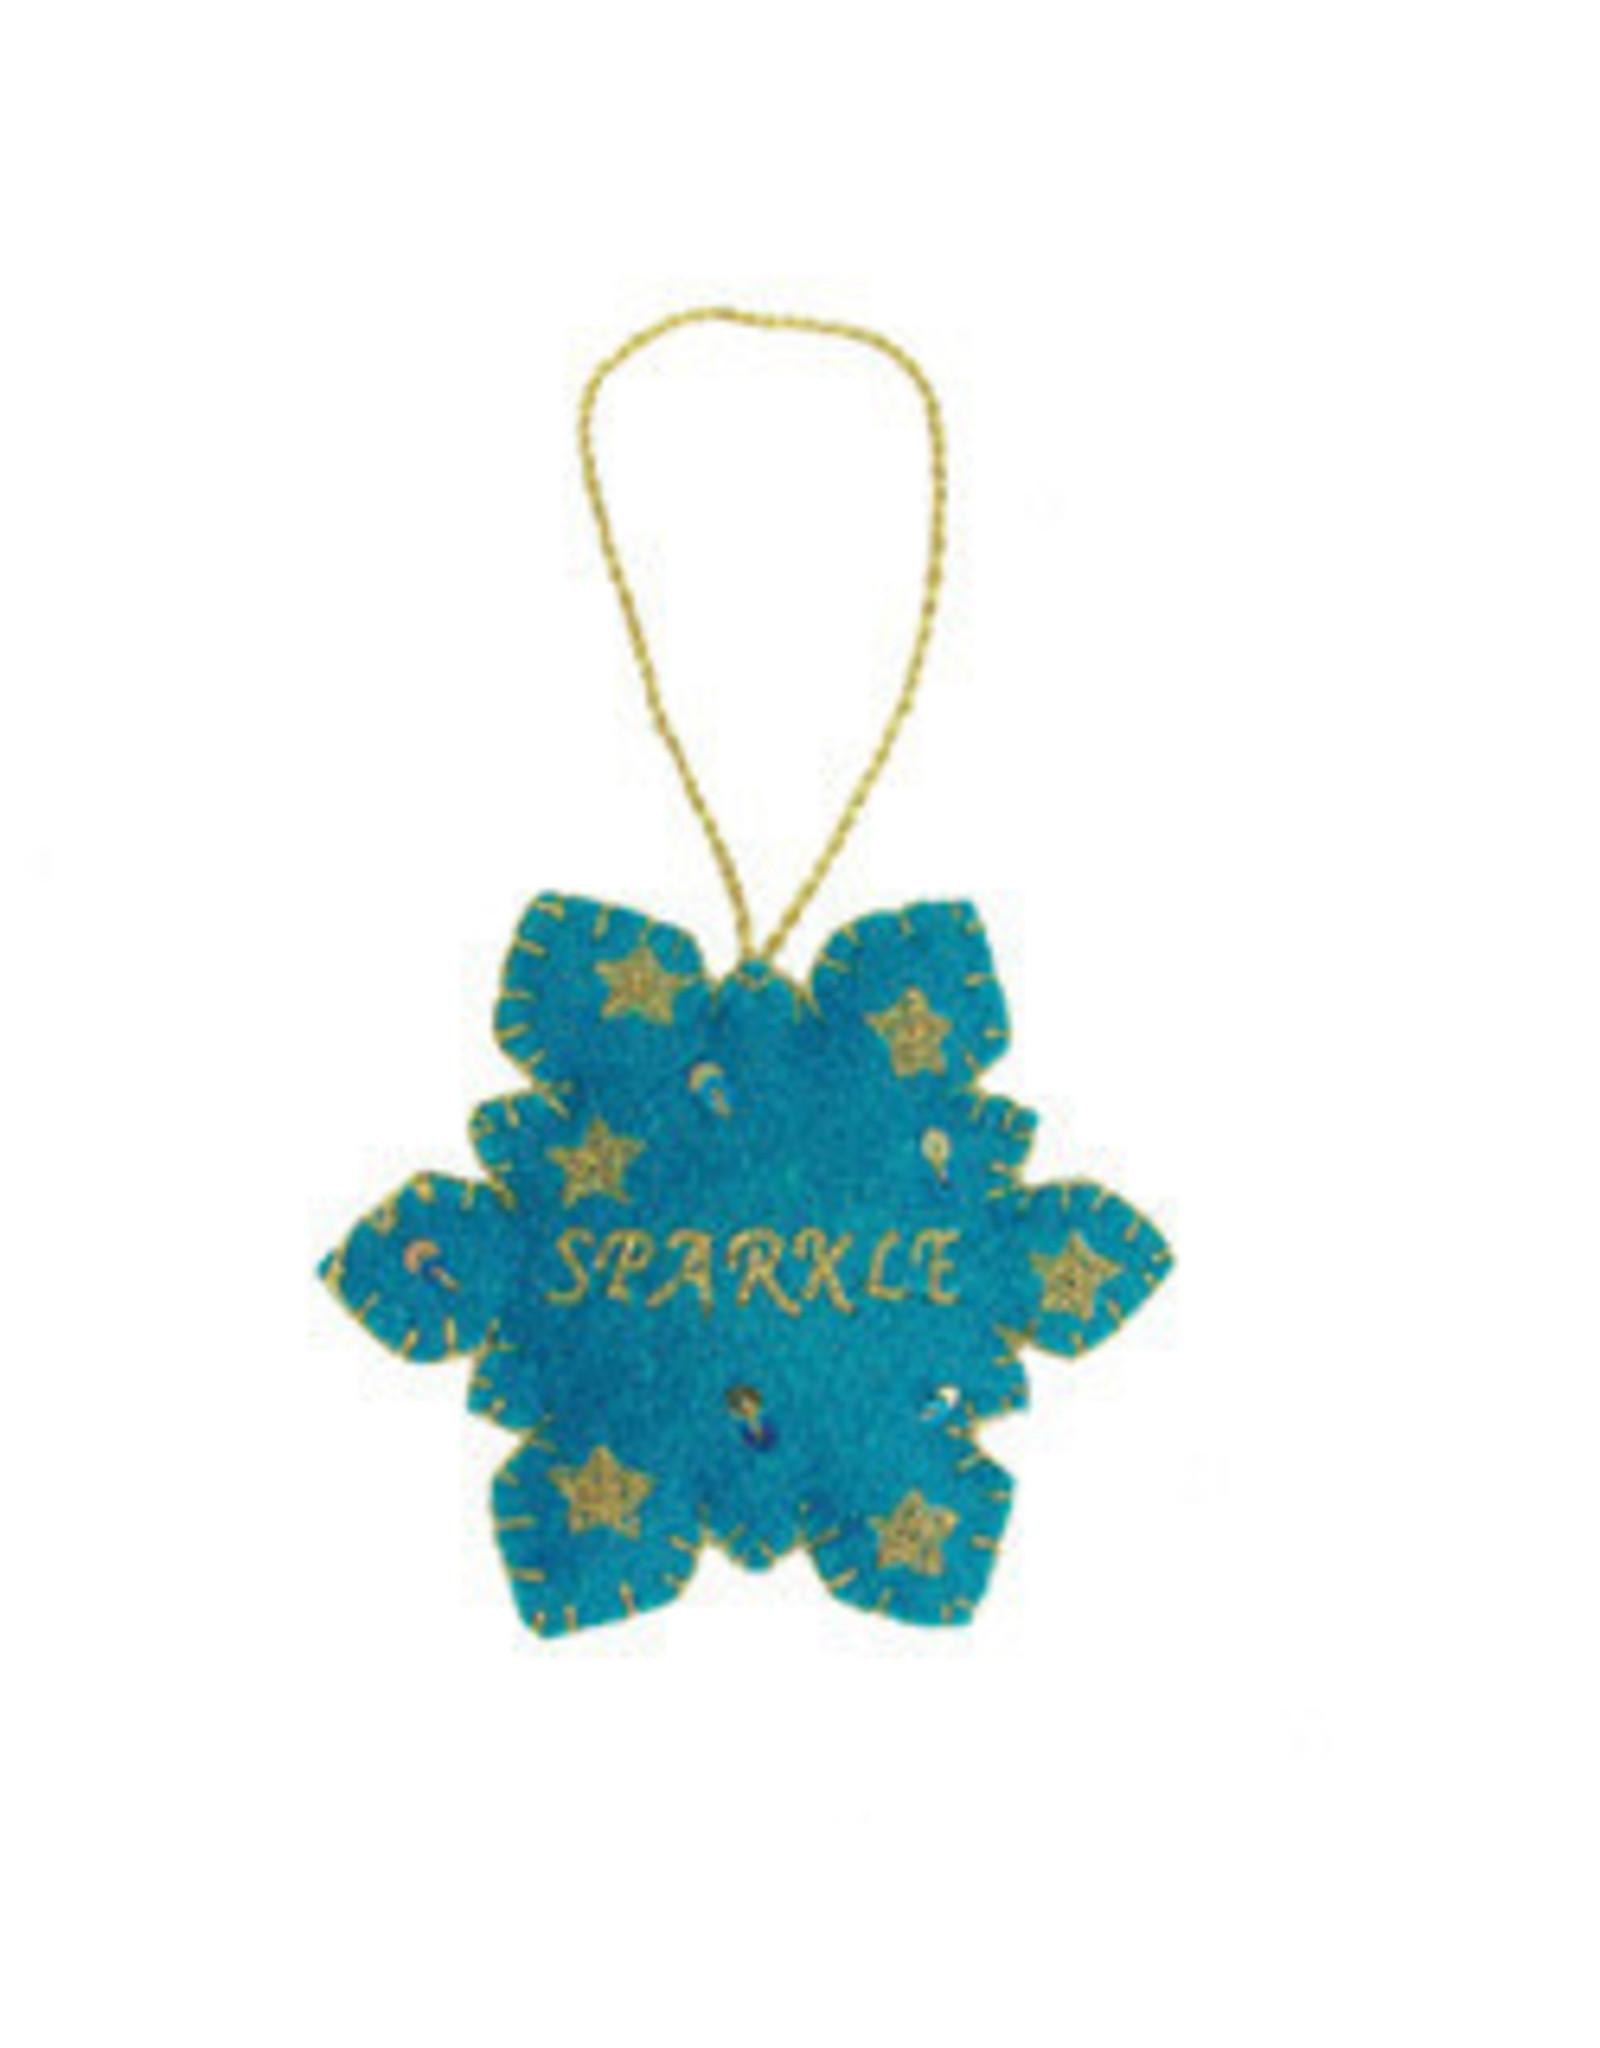 India, Sparkle Snowflake Ornament